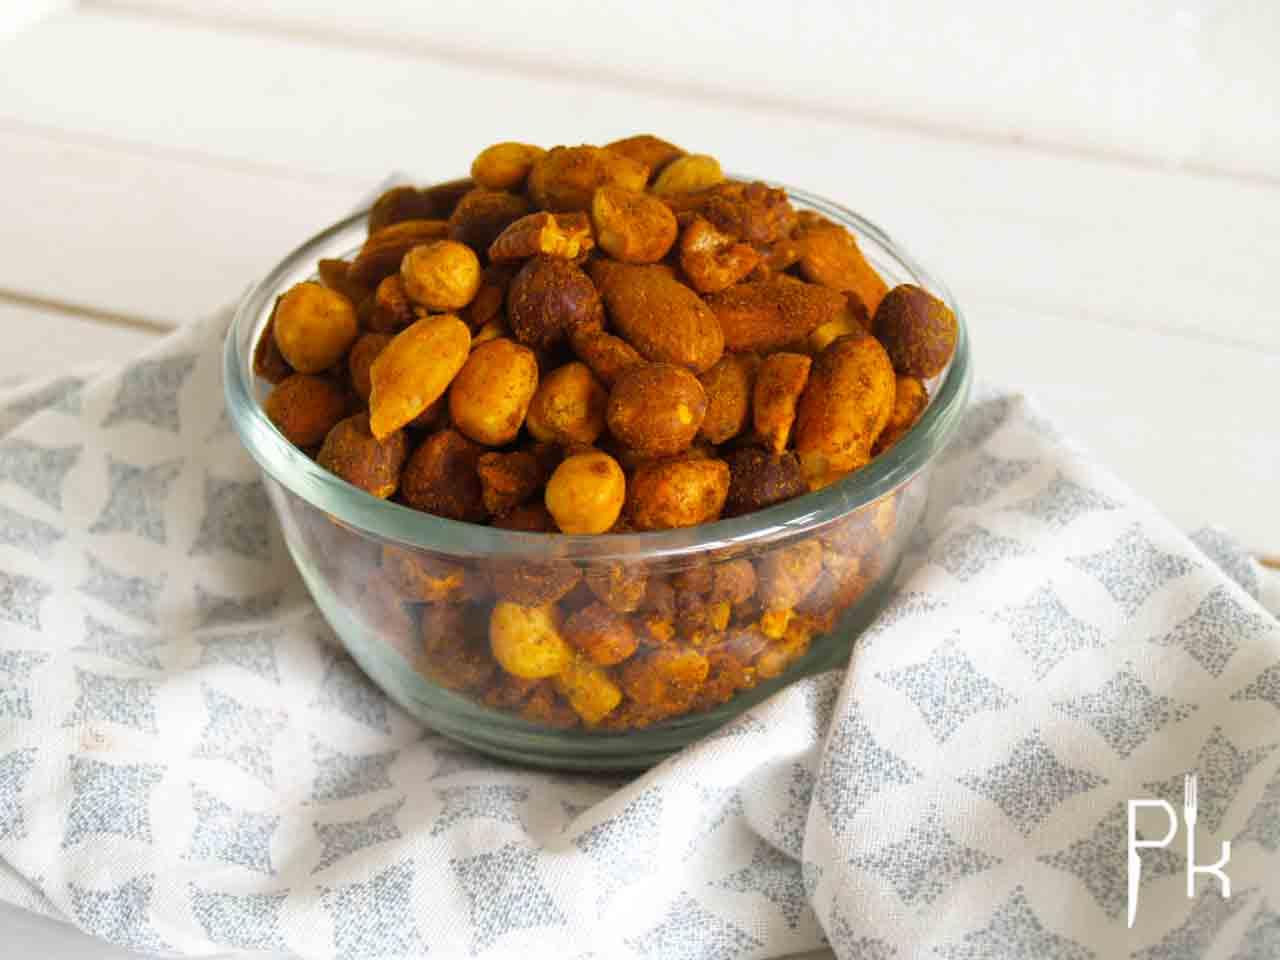 gekruide noten